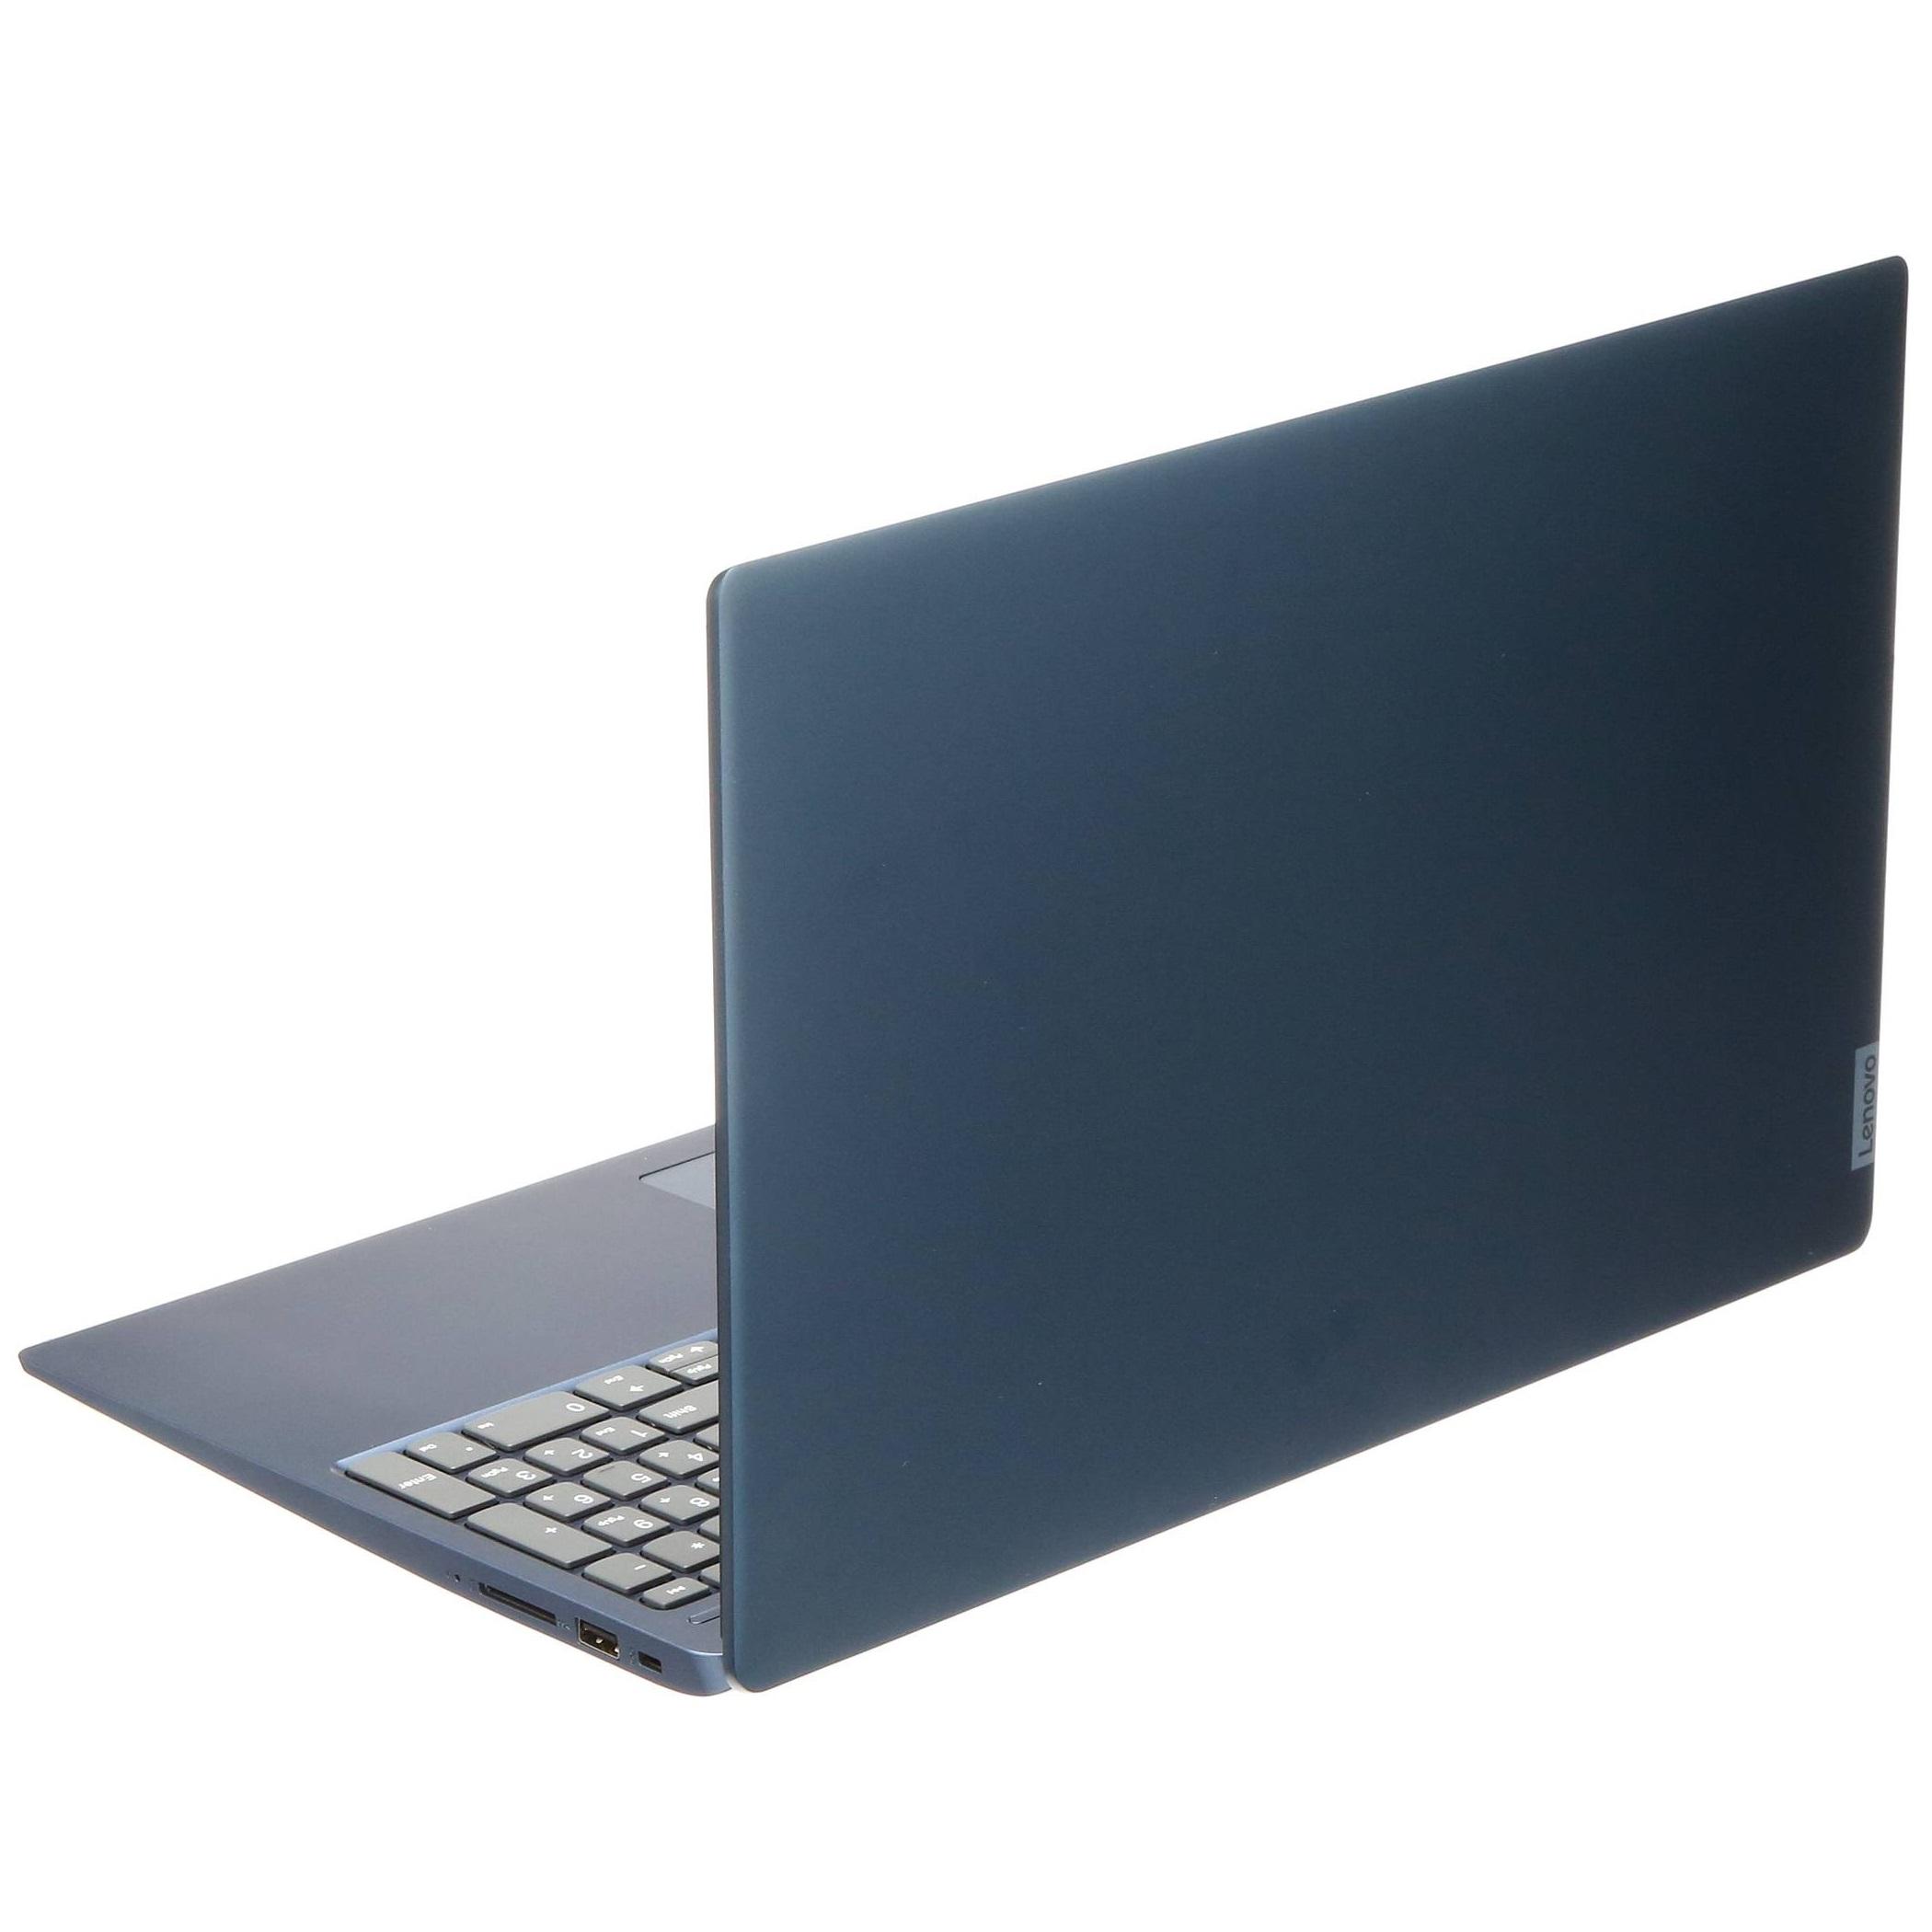 Lenovo IdeaPad 330S i3